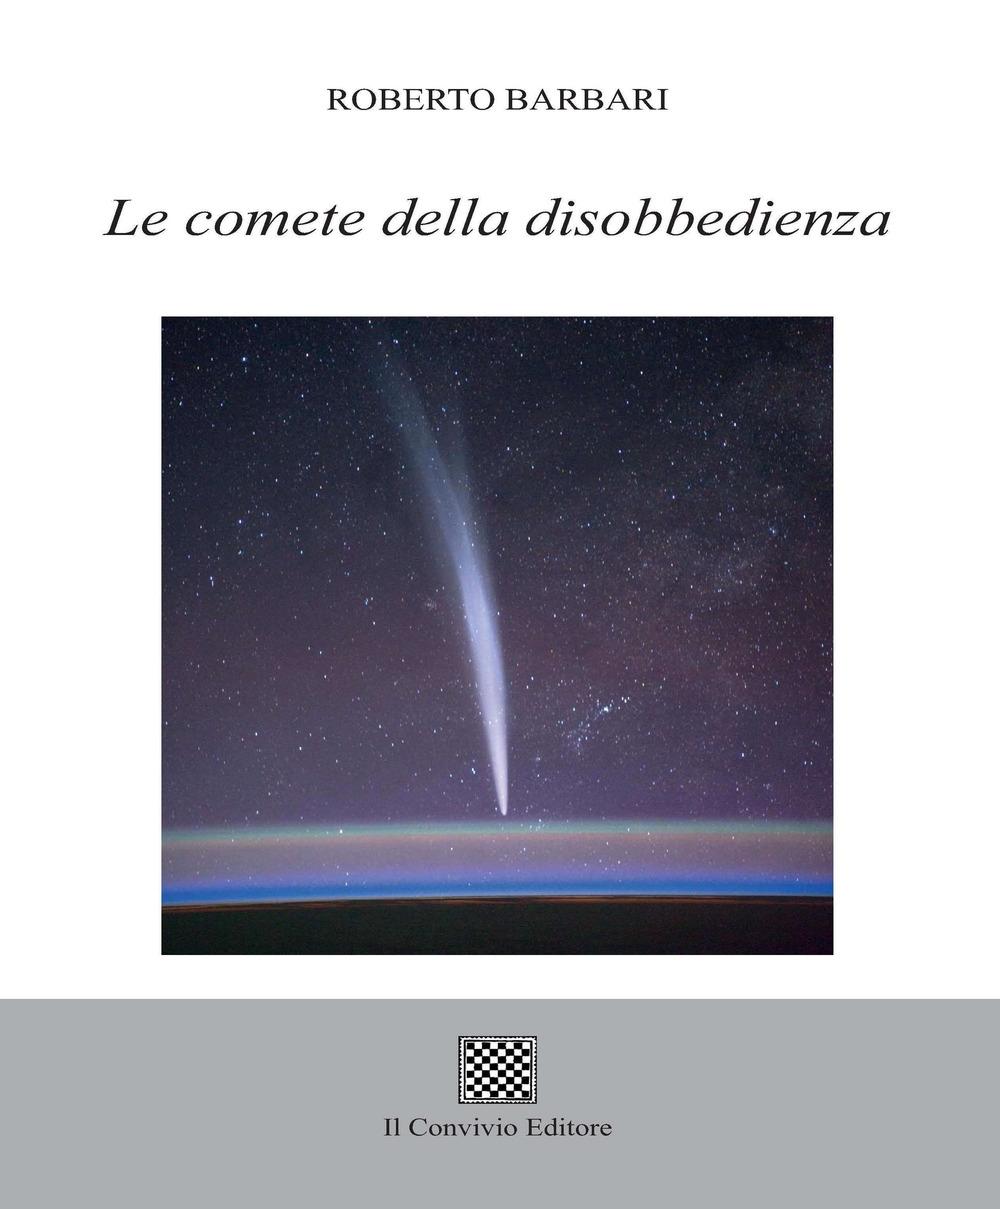 Le comete della disobbedienza